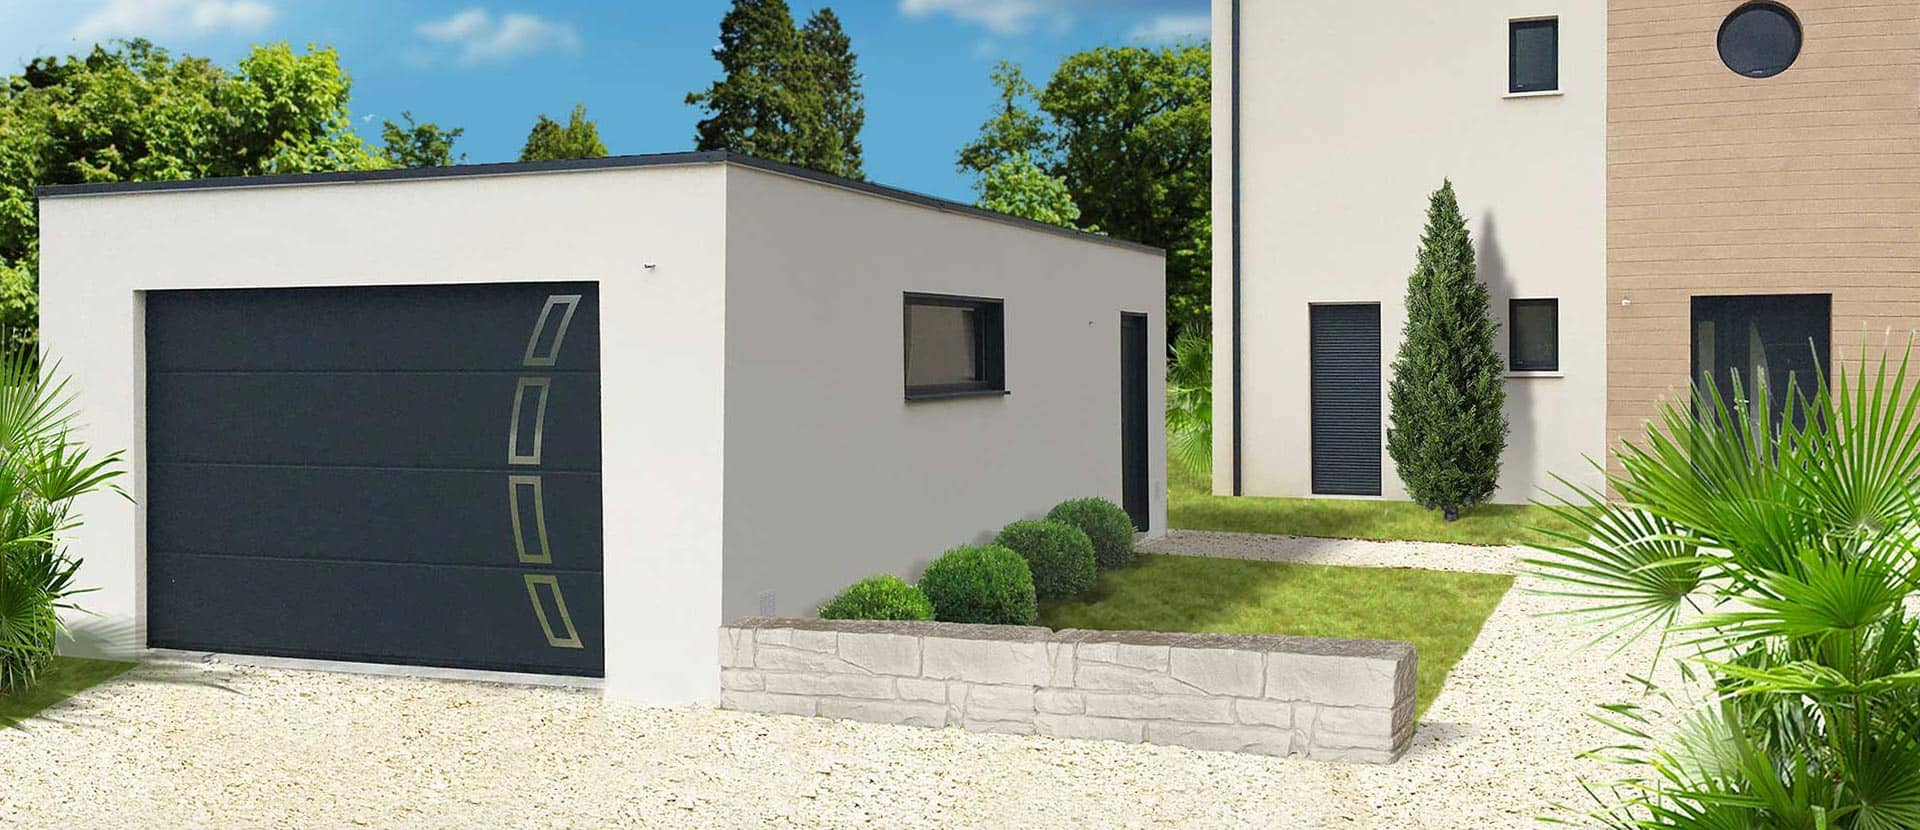 Espace Construction Yffiniac Avis garage et construction modulaire béton et béton aspect bois